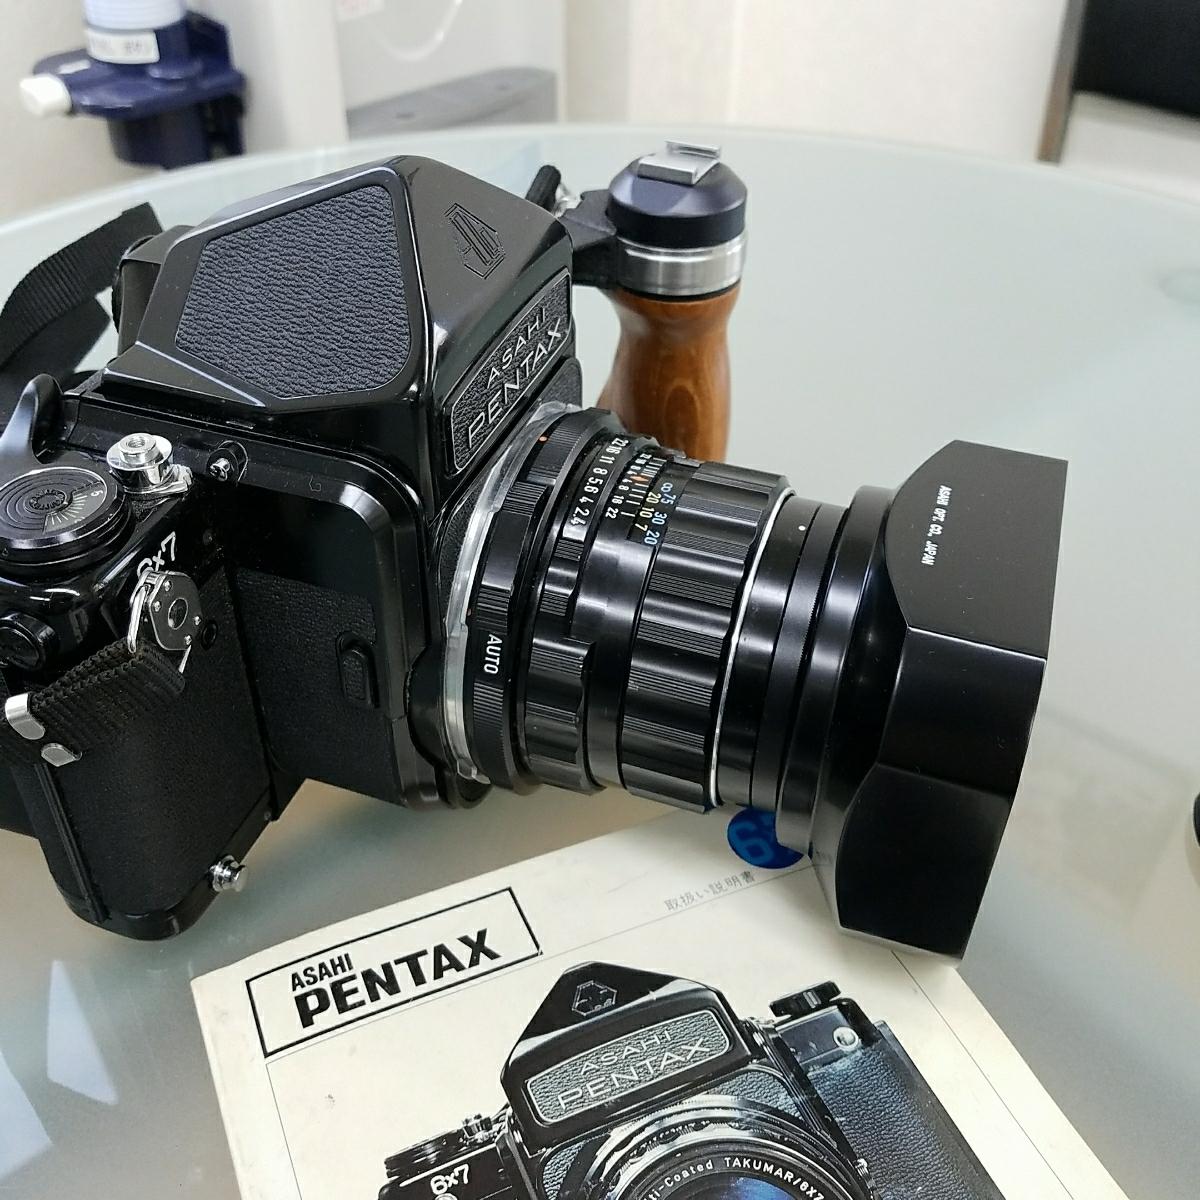 ペンタックス PENTAX 6x7 TAKUMARレンズ付き 中古カメラ ジャンク_画像5